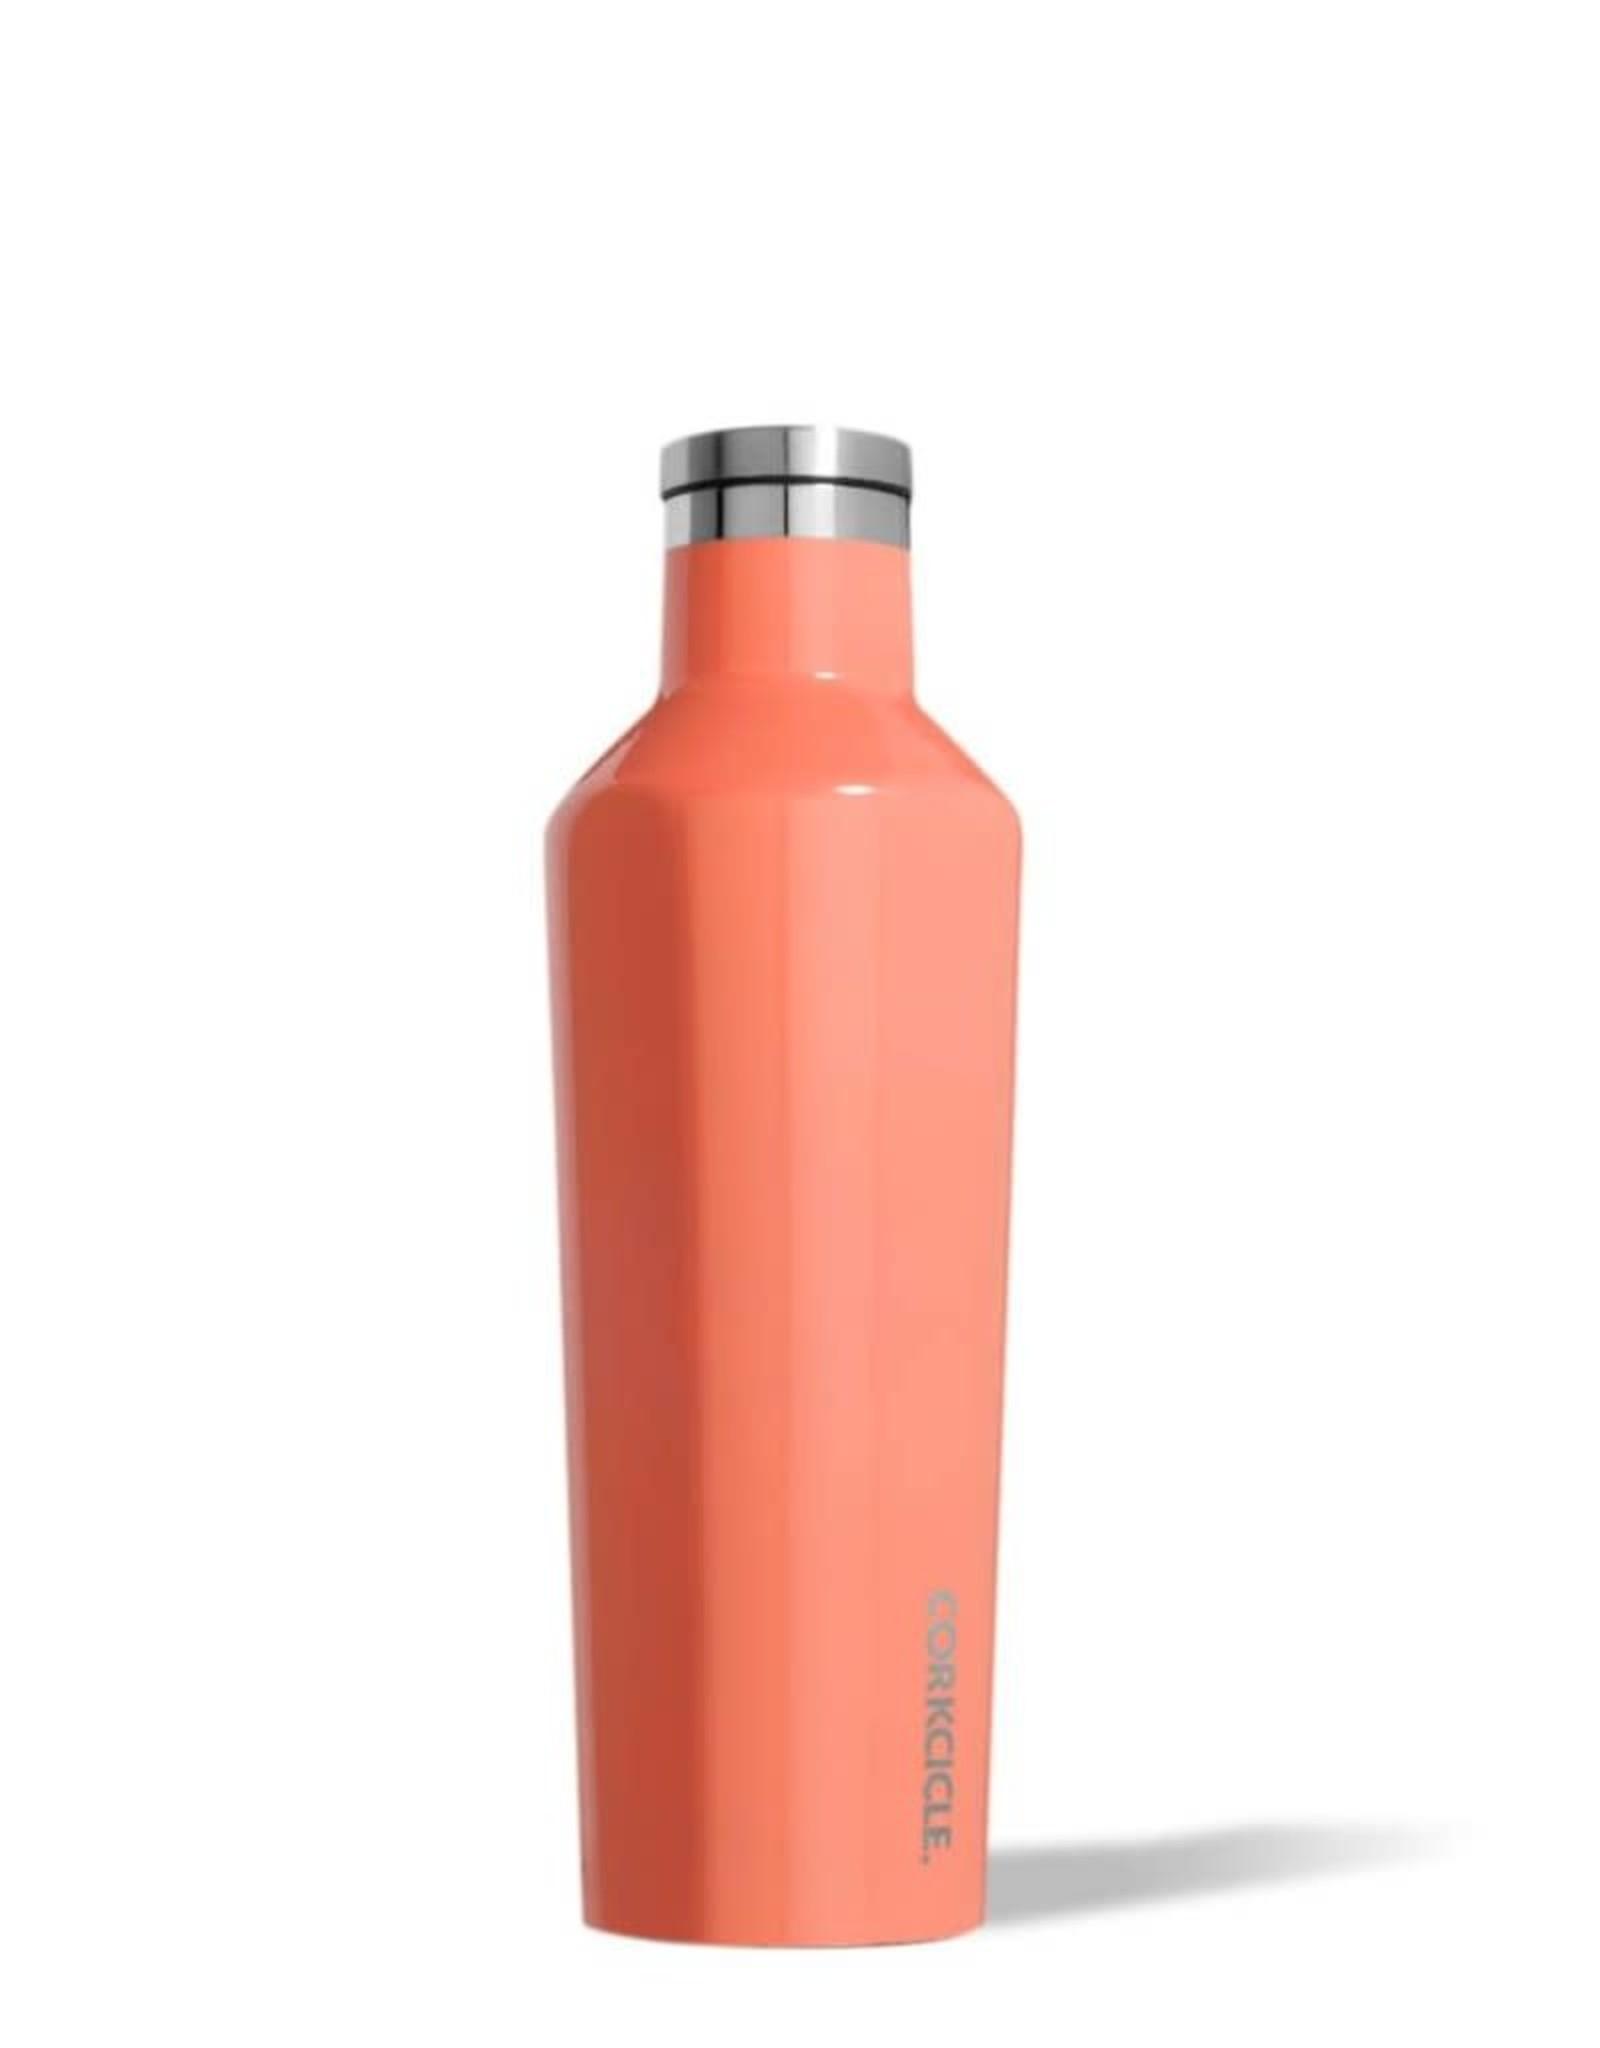 Corkcicle Canteen - 16oz Gloss Peach Echo